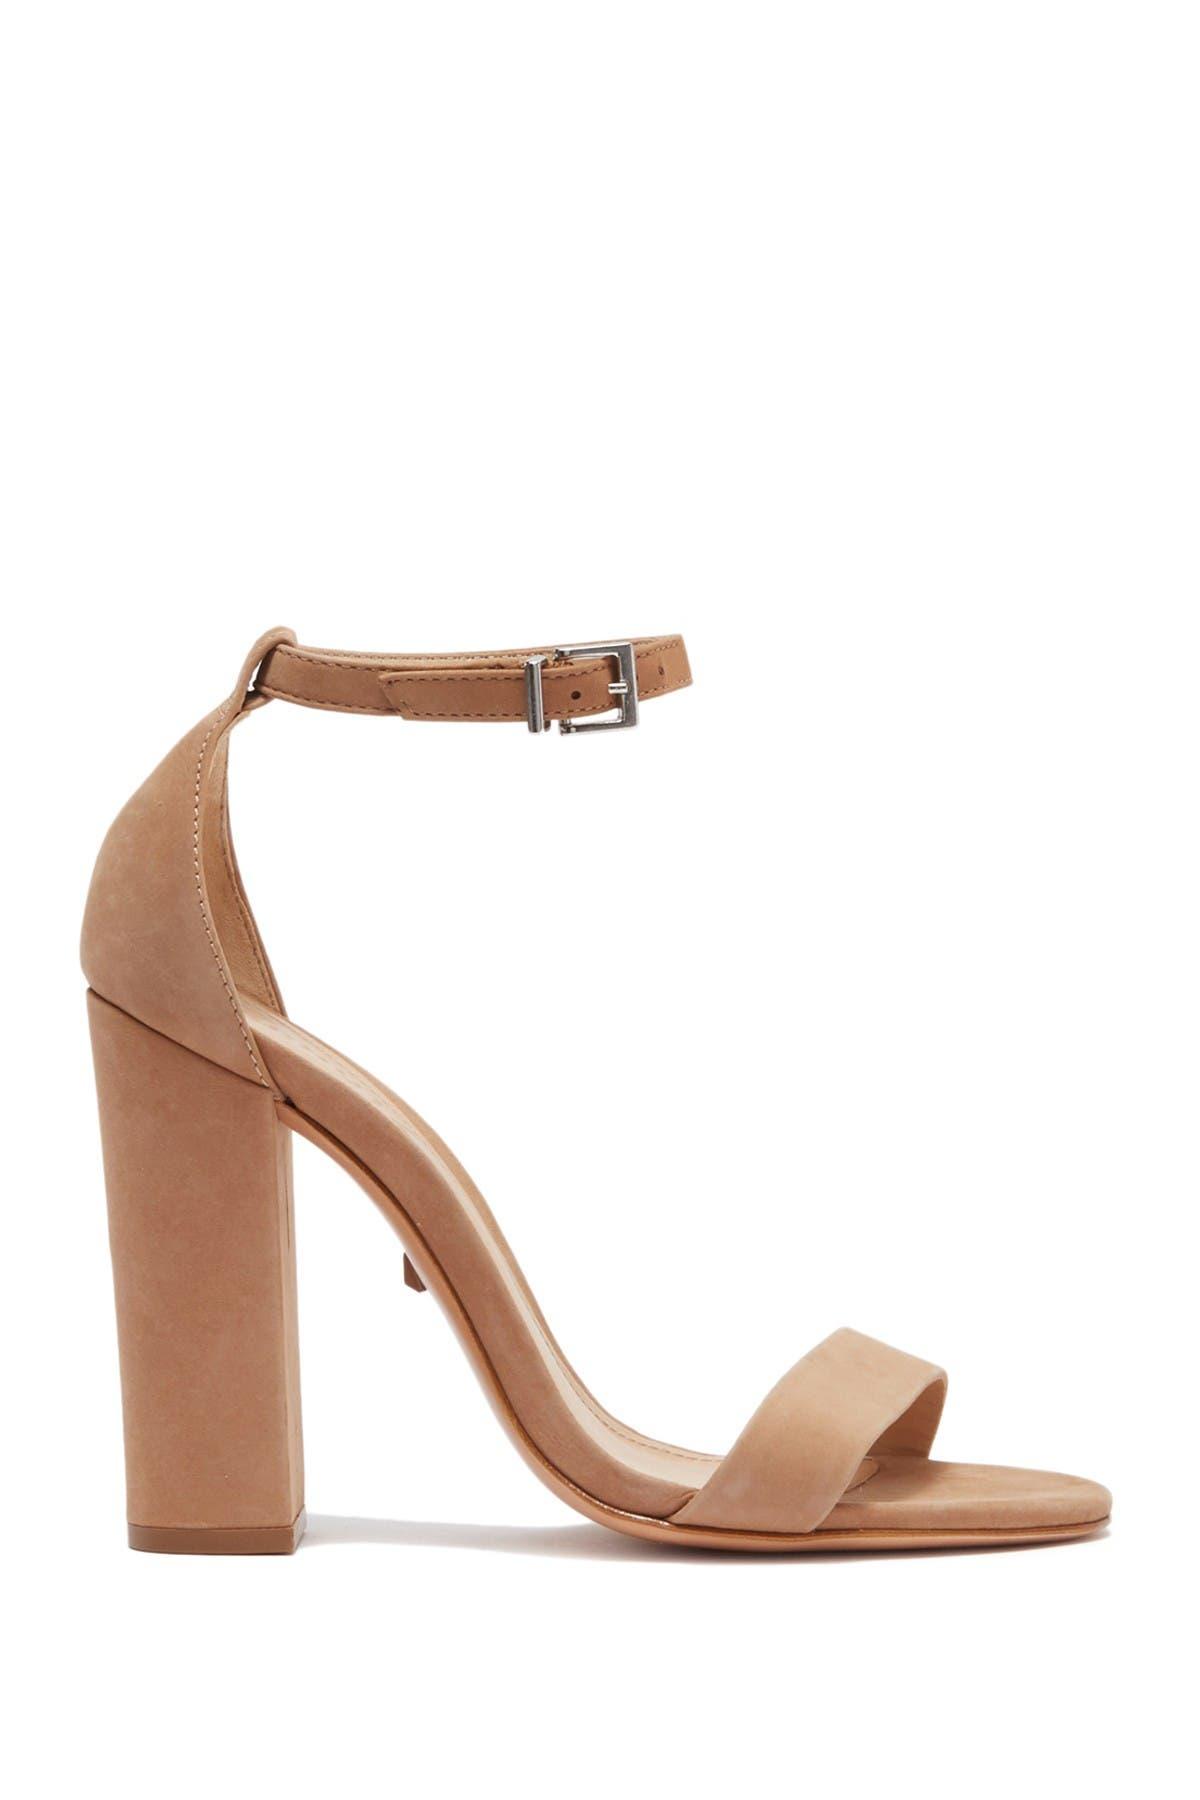 Image of Schutz Enida Suede Block Heel Sandal